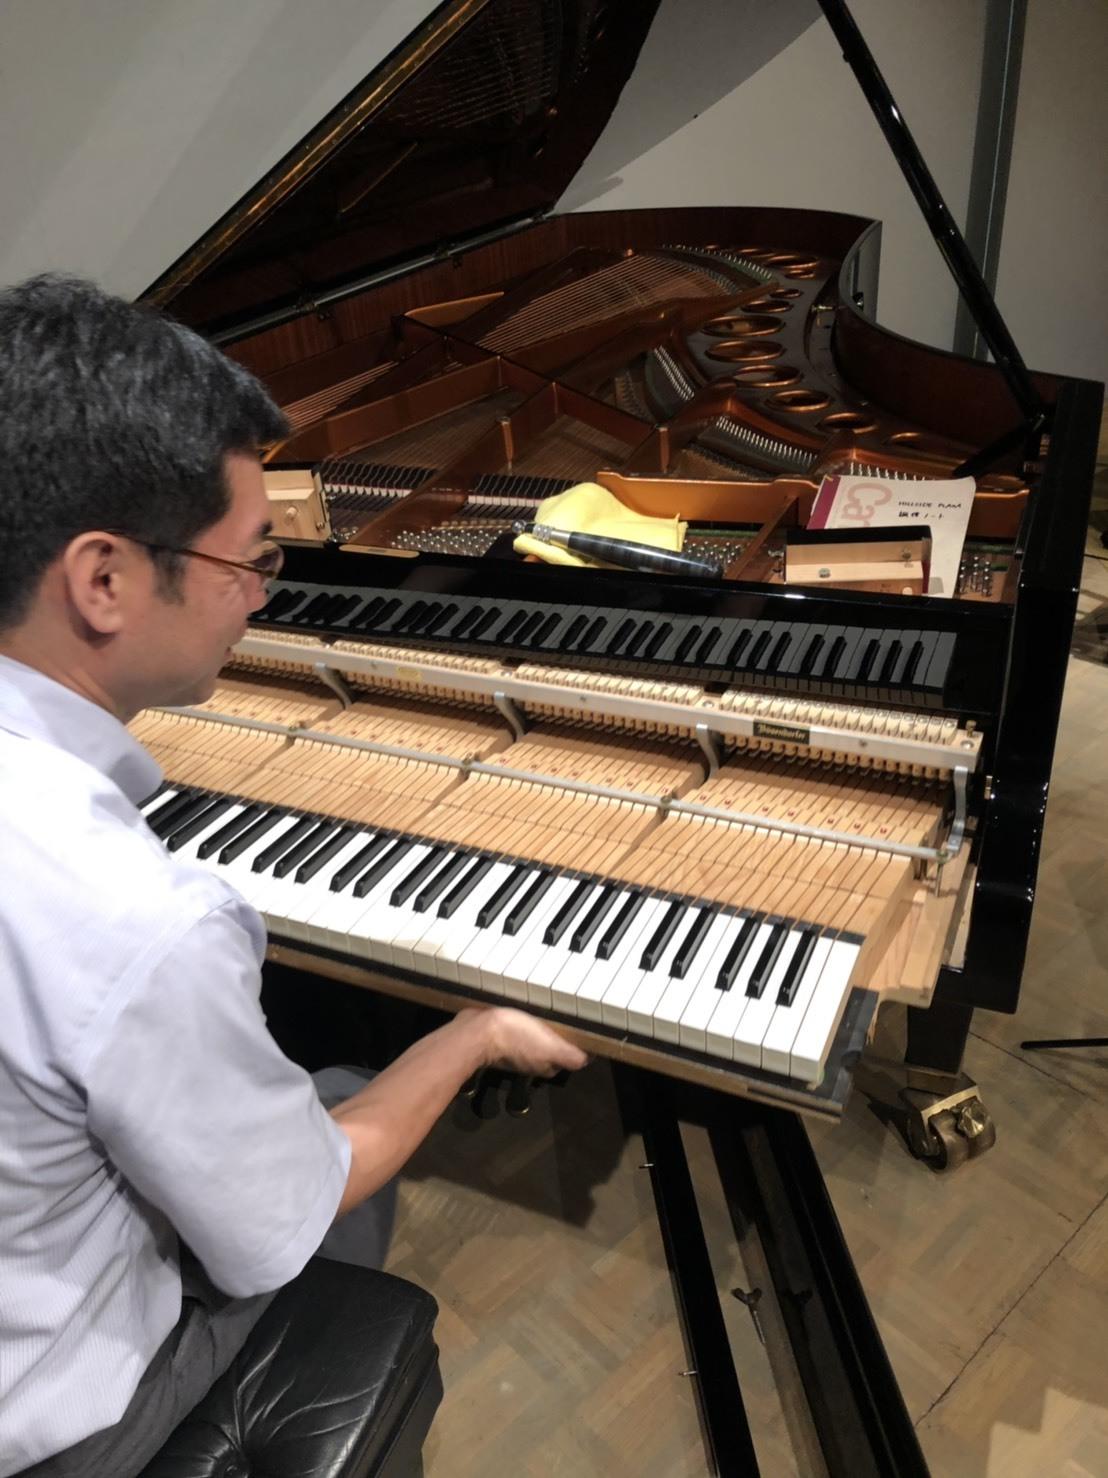 おとな絵本の朗読会「ピアノ調律師」を上演しました!_f0346597_20335911.jpg